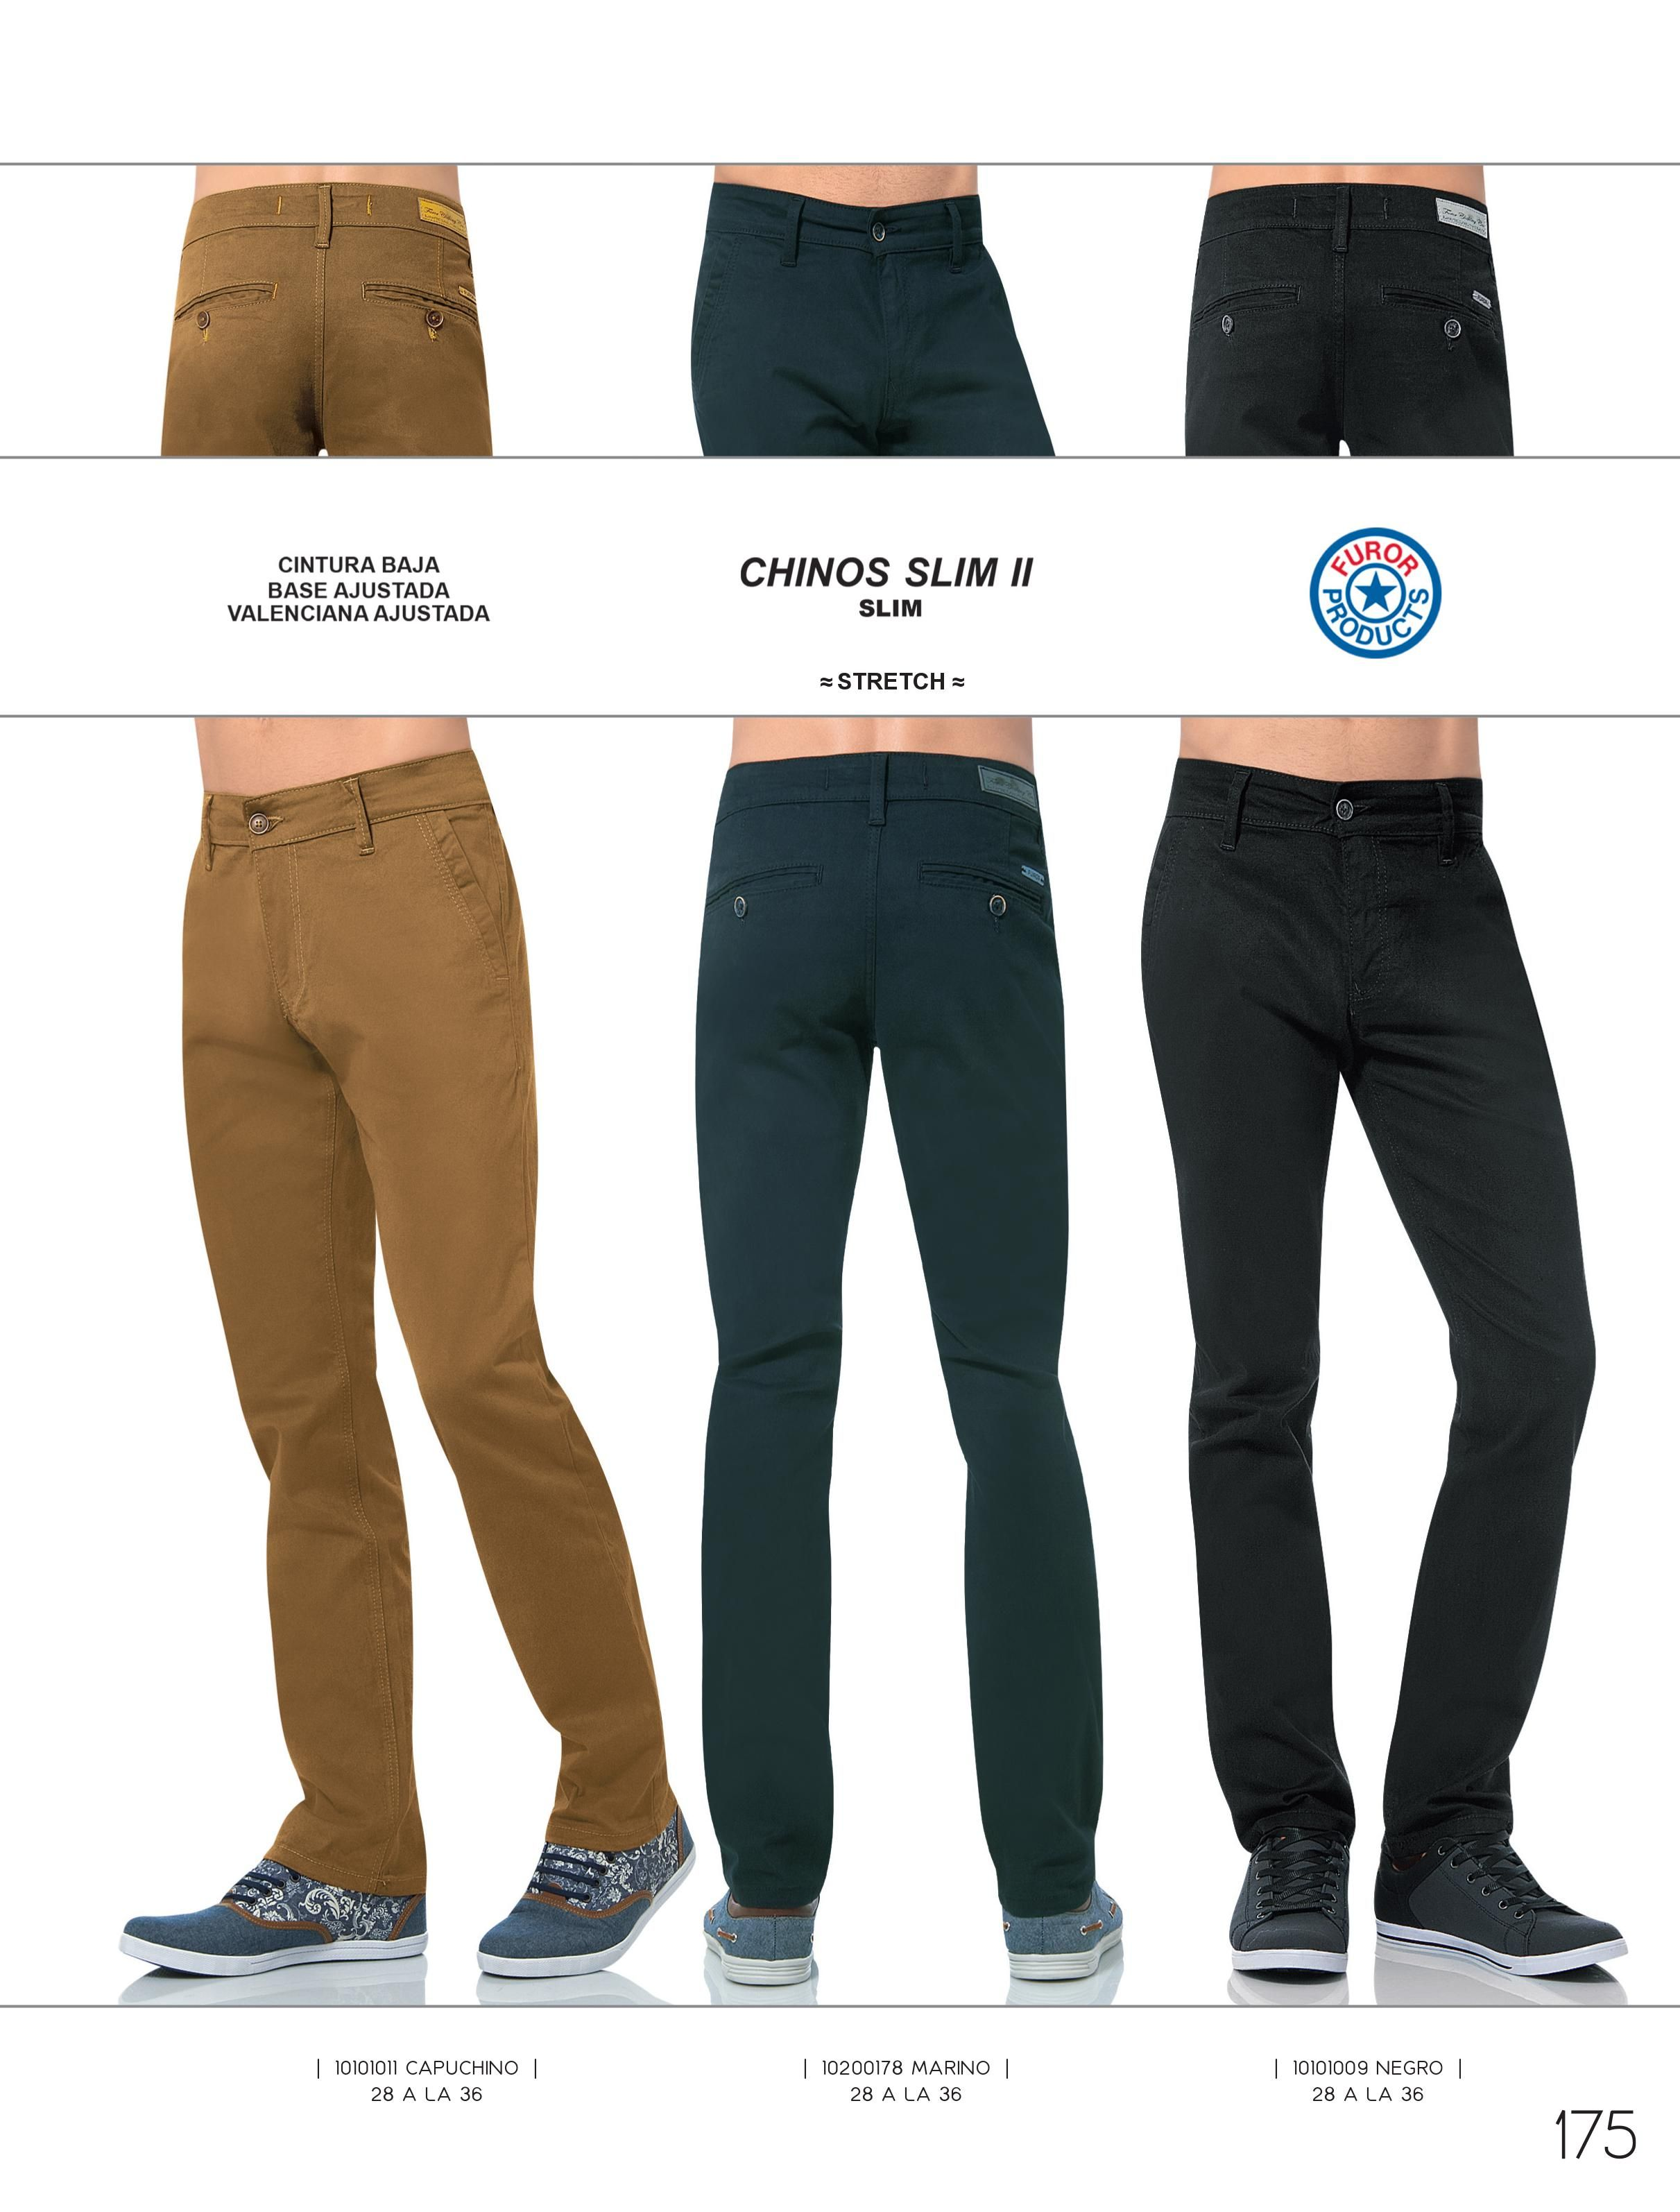 Modelos De Pantalones Para Caballero Outfits Furor Ropa Outfits Modelos